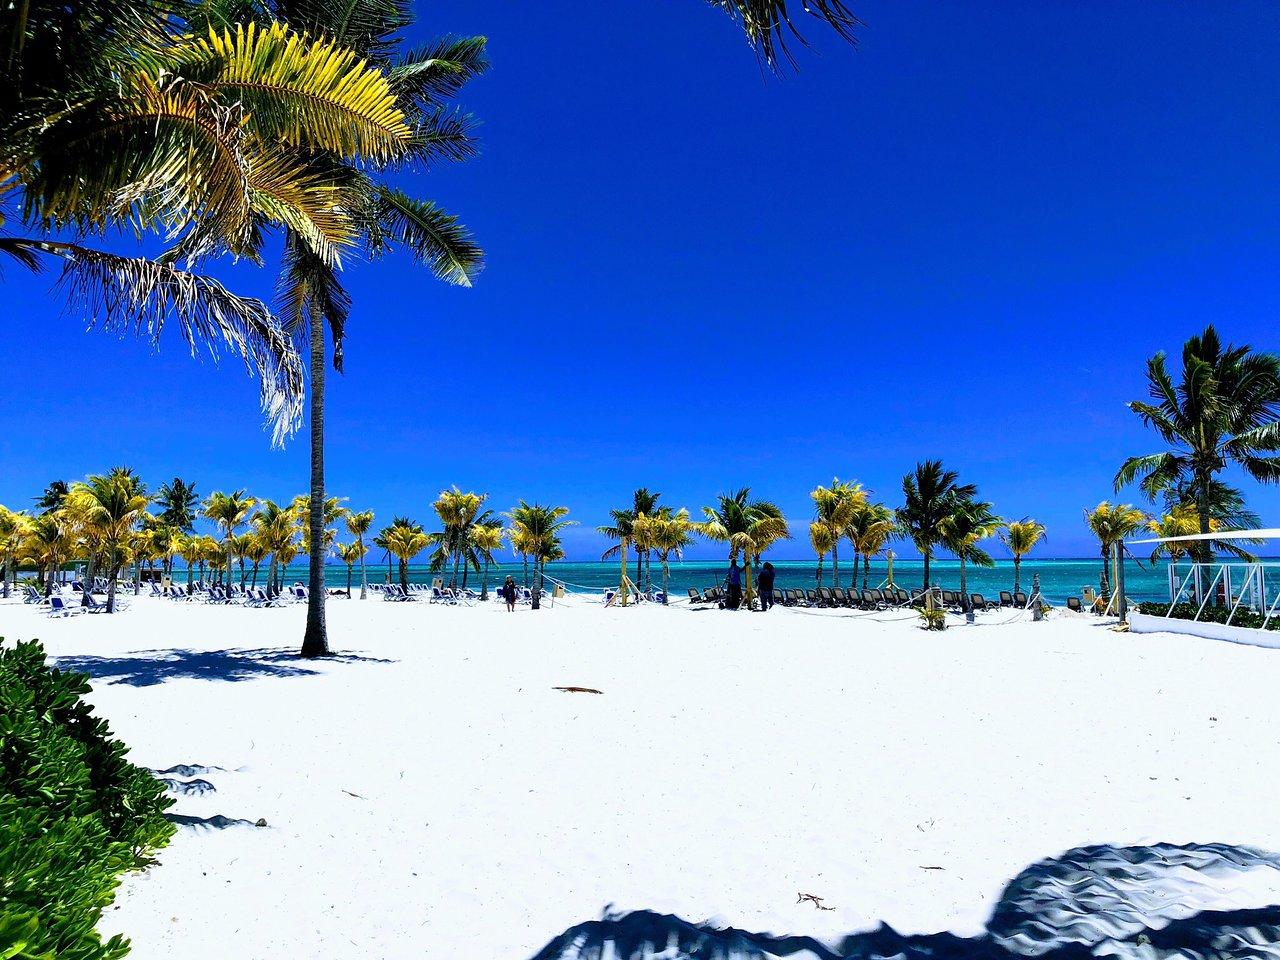 Viva_Wyndham_Fortuna_Beach_Beach_Access_8e0e53c609.jpg